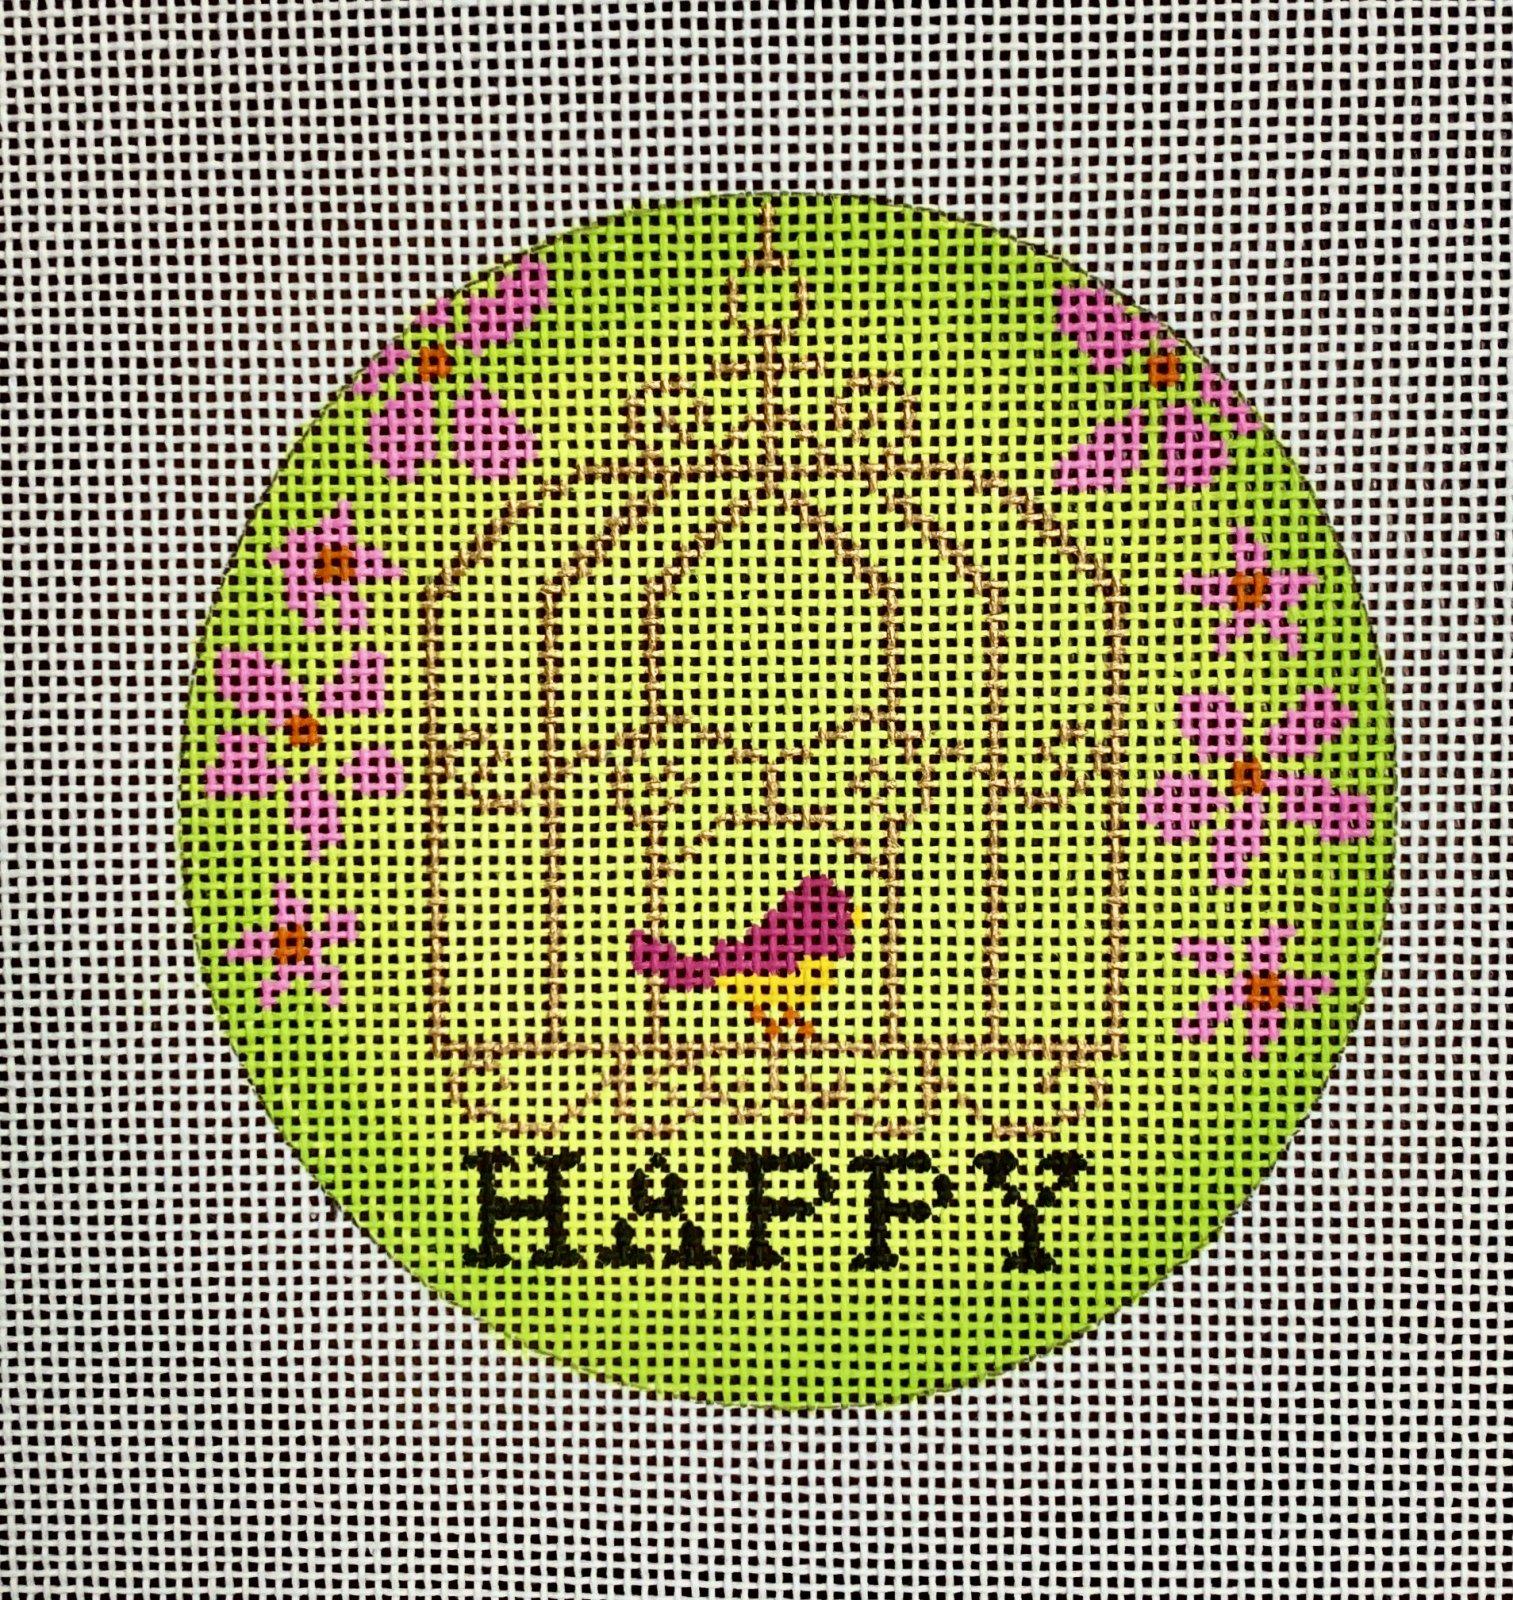 birdcage, happy